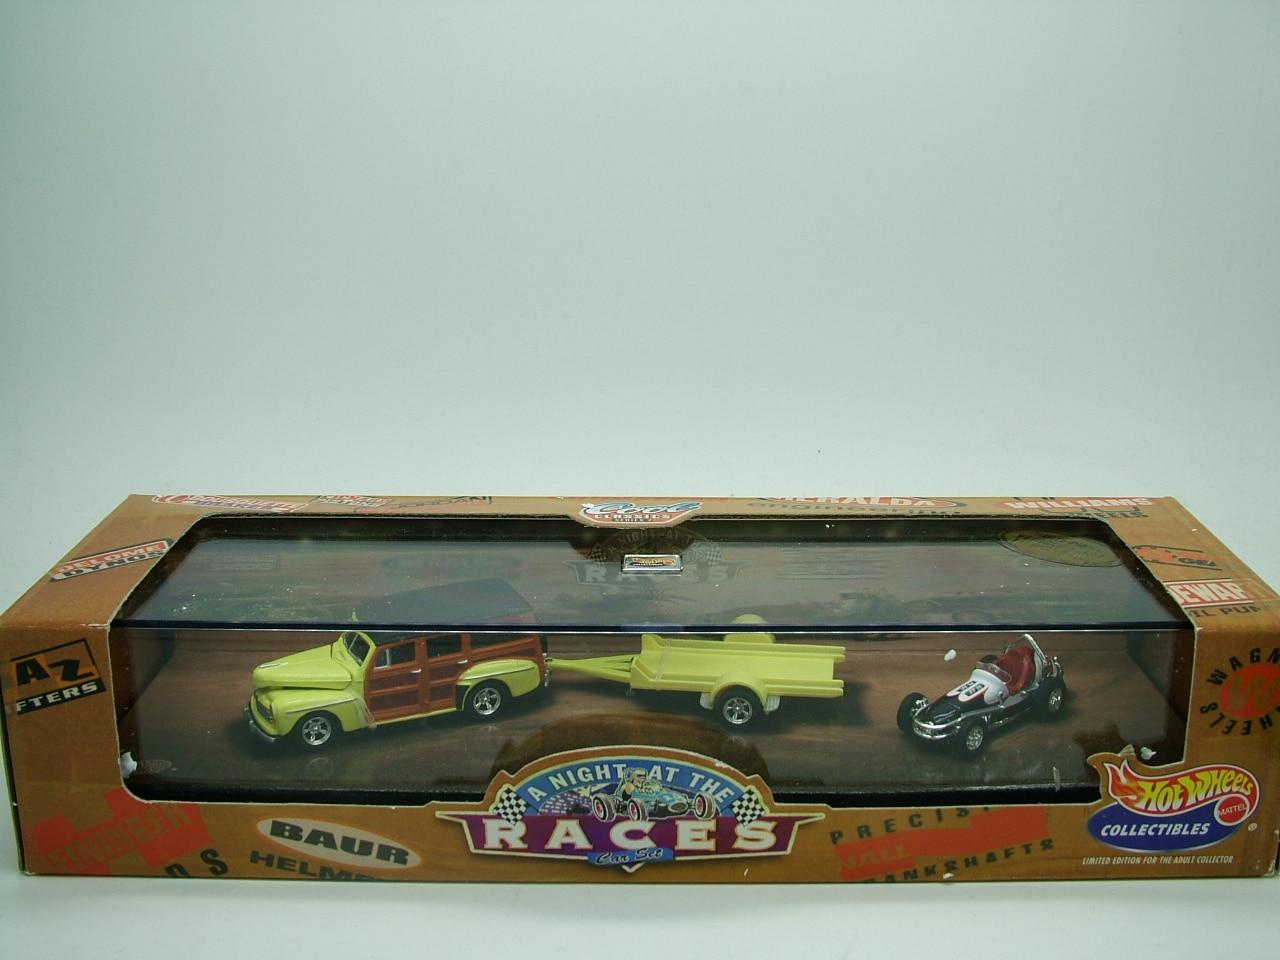 venda quente de carrinhos de brinquedo infantil miniatura de metal fundido 64 ou 100 unidades